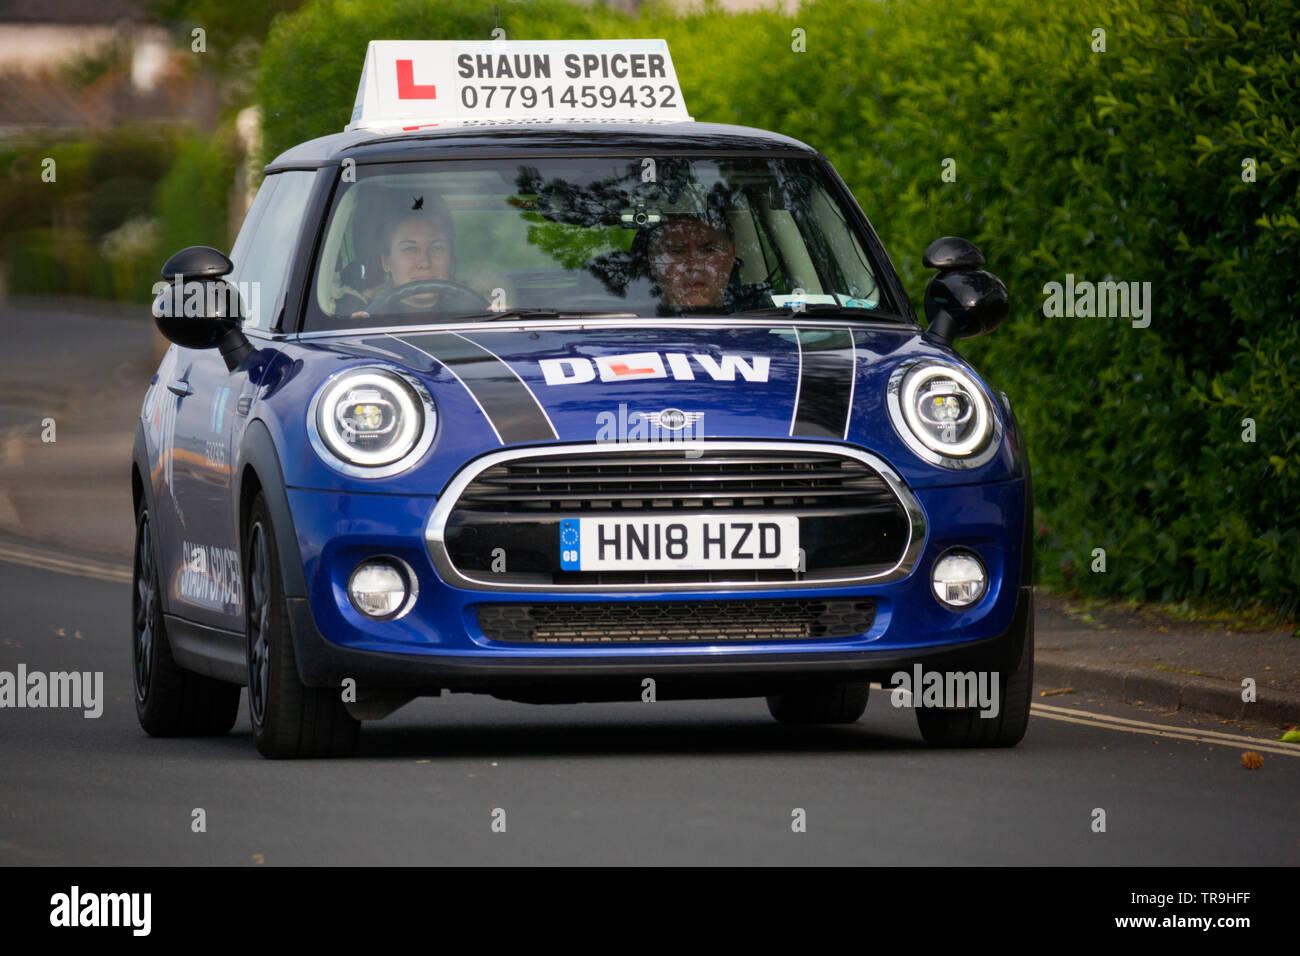 Dur,conduite,,instructer,MINI,BMW,apprendre,test,Cowes, île de Wight, Angleterre,UK, Photo Stock